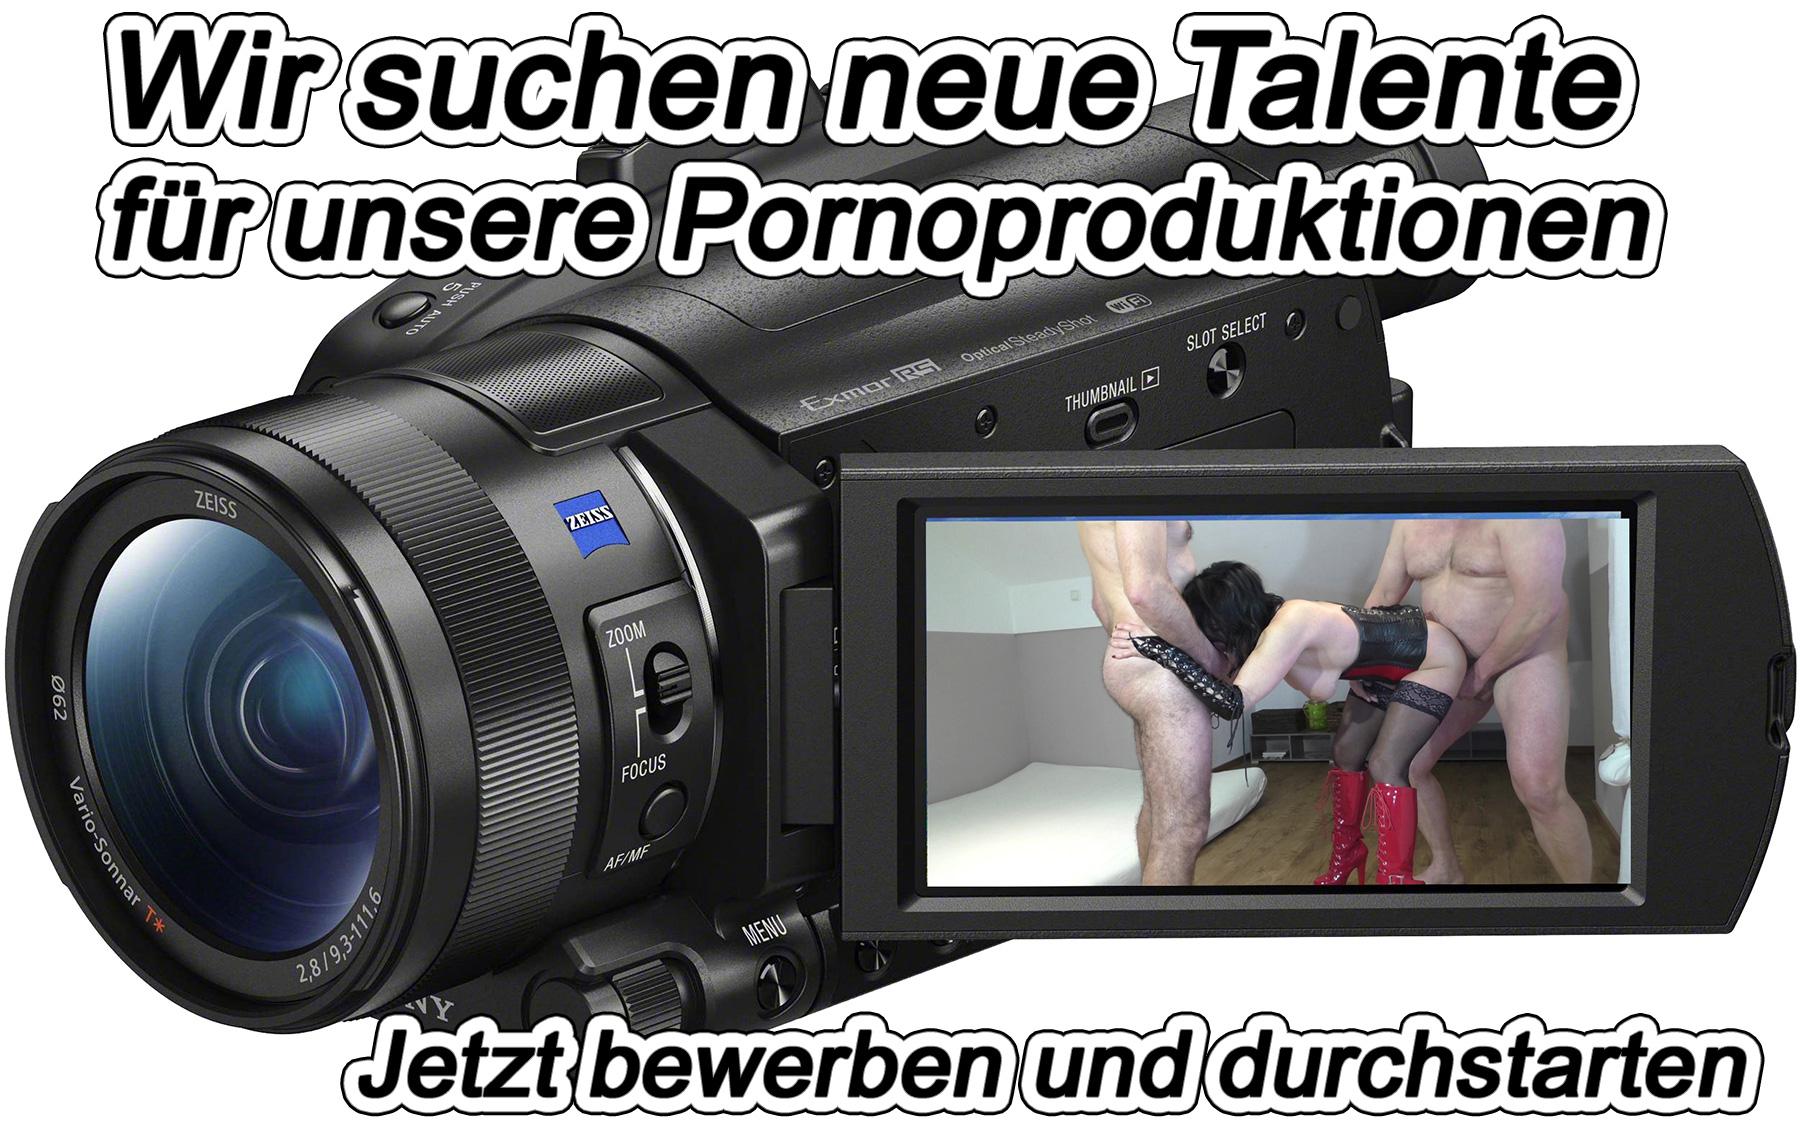 https://amateurpornoclub.net/bilder/11-Kamera-Anzeigenmark-unverpixelt.jpg